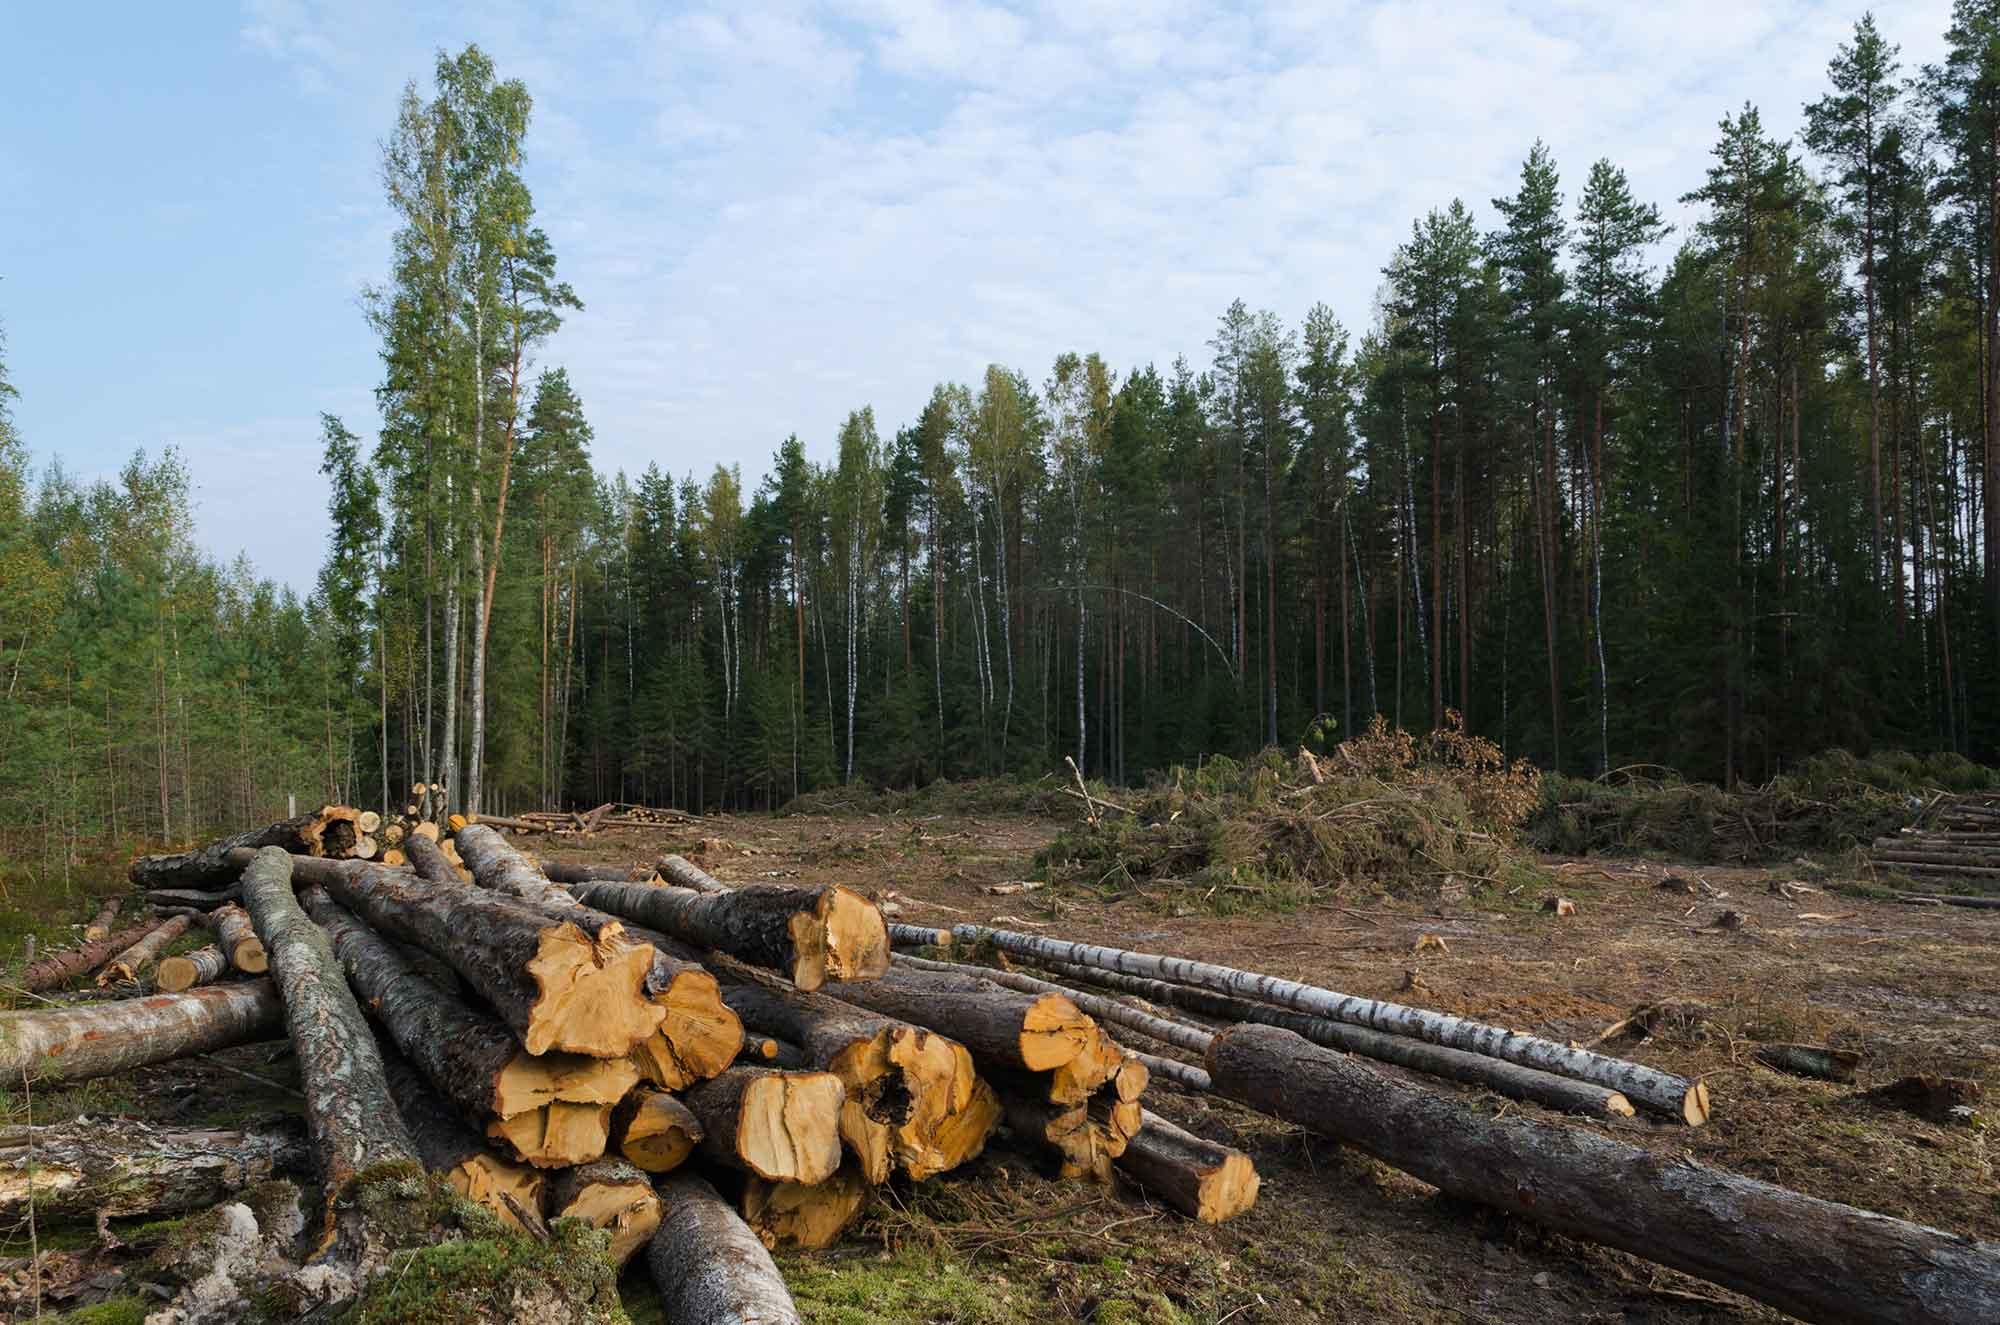 Een foto van een omgekapt bos is in de eerste plaats een communicatieactie (foto Andromed/Shutterstock)